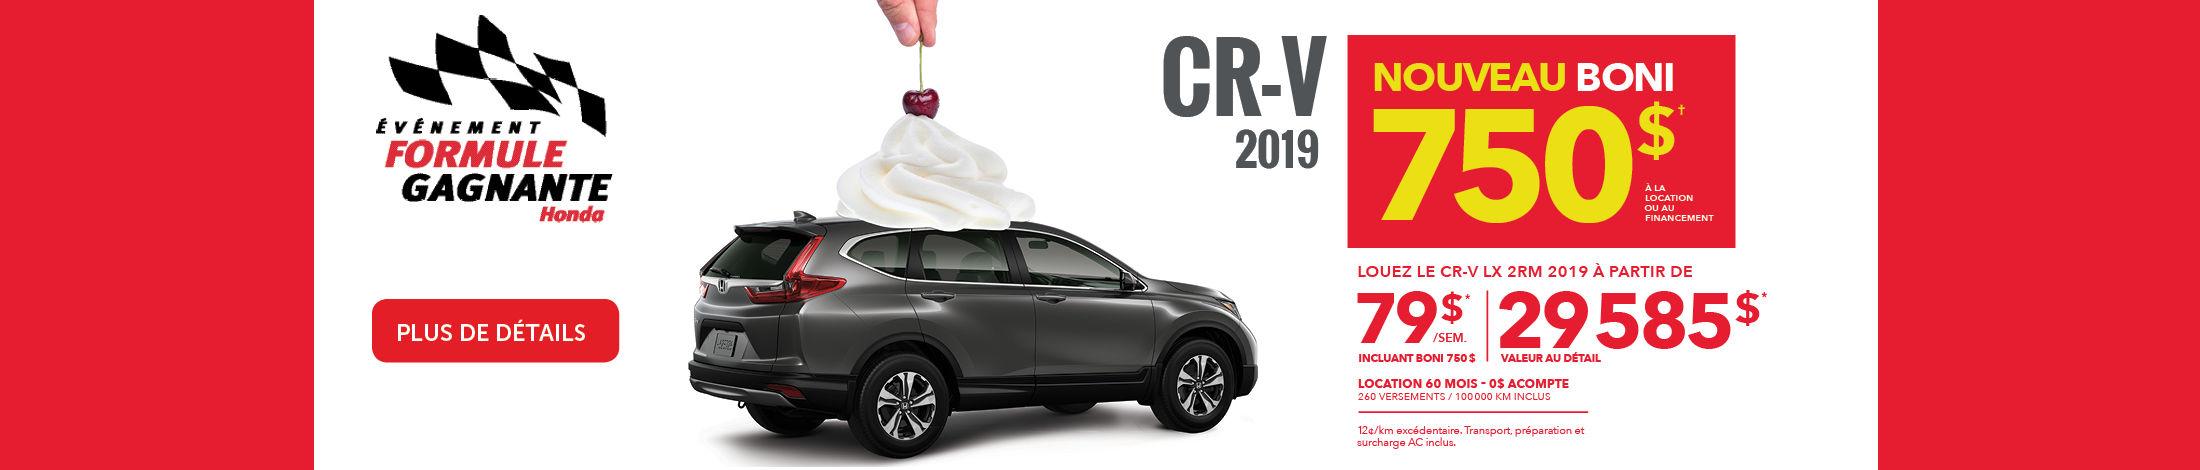 CRV juillet 2019